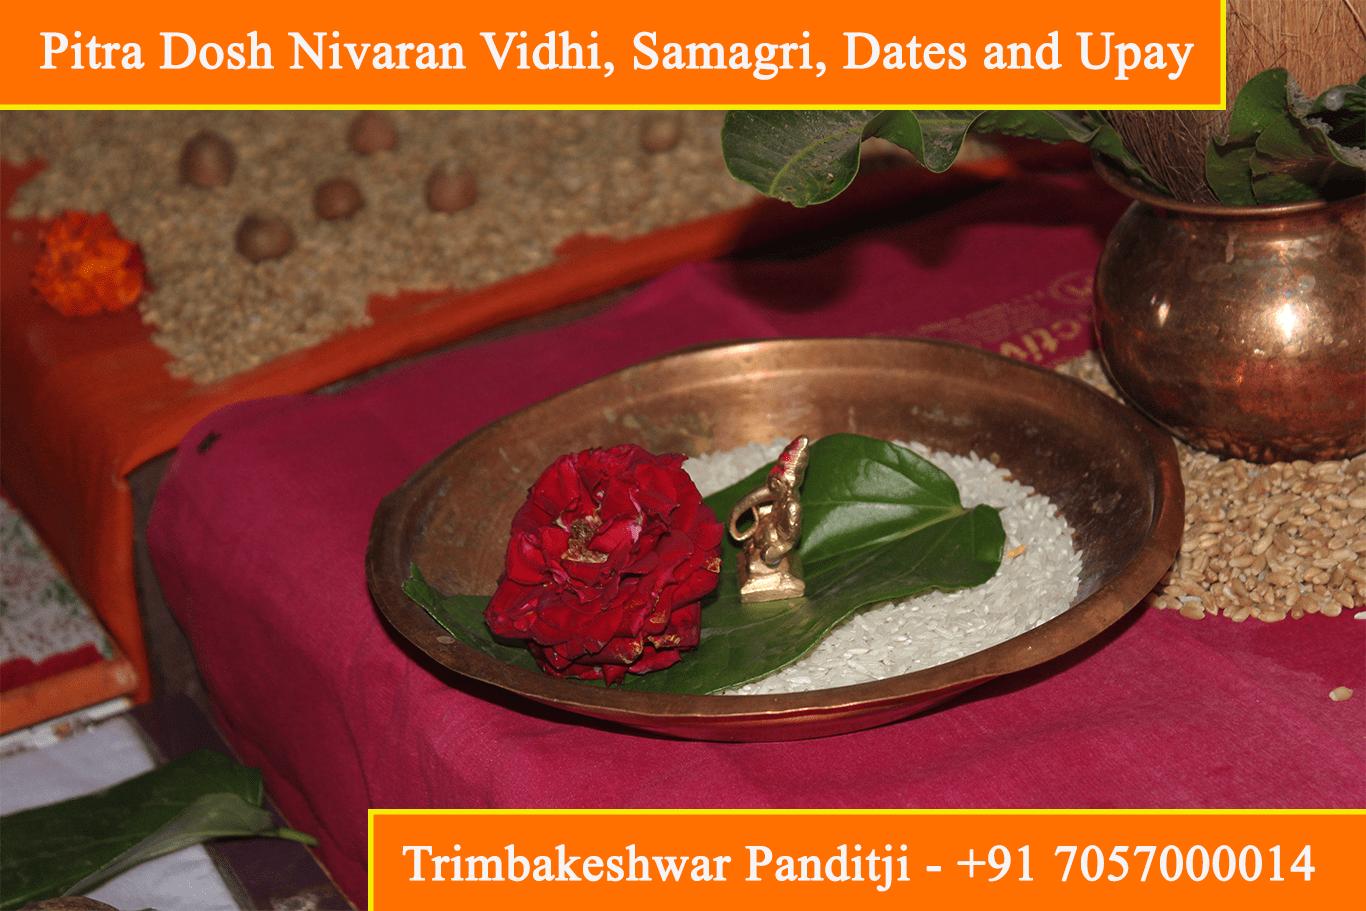 Pitra Dosh Nivaran Vidhi, Samagri, Dates, Upay, Remedies